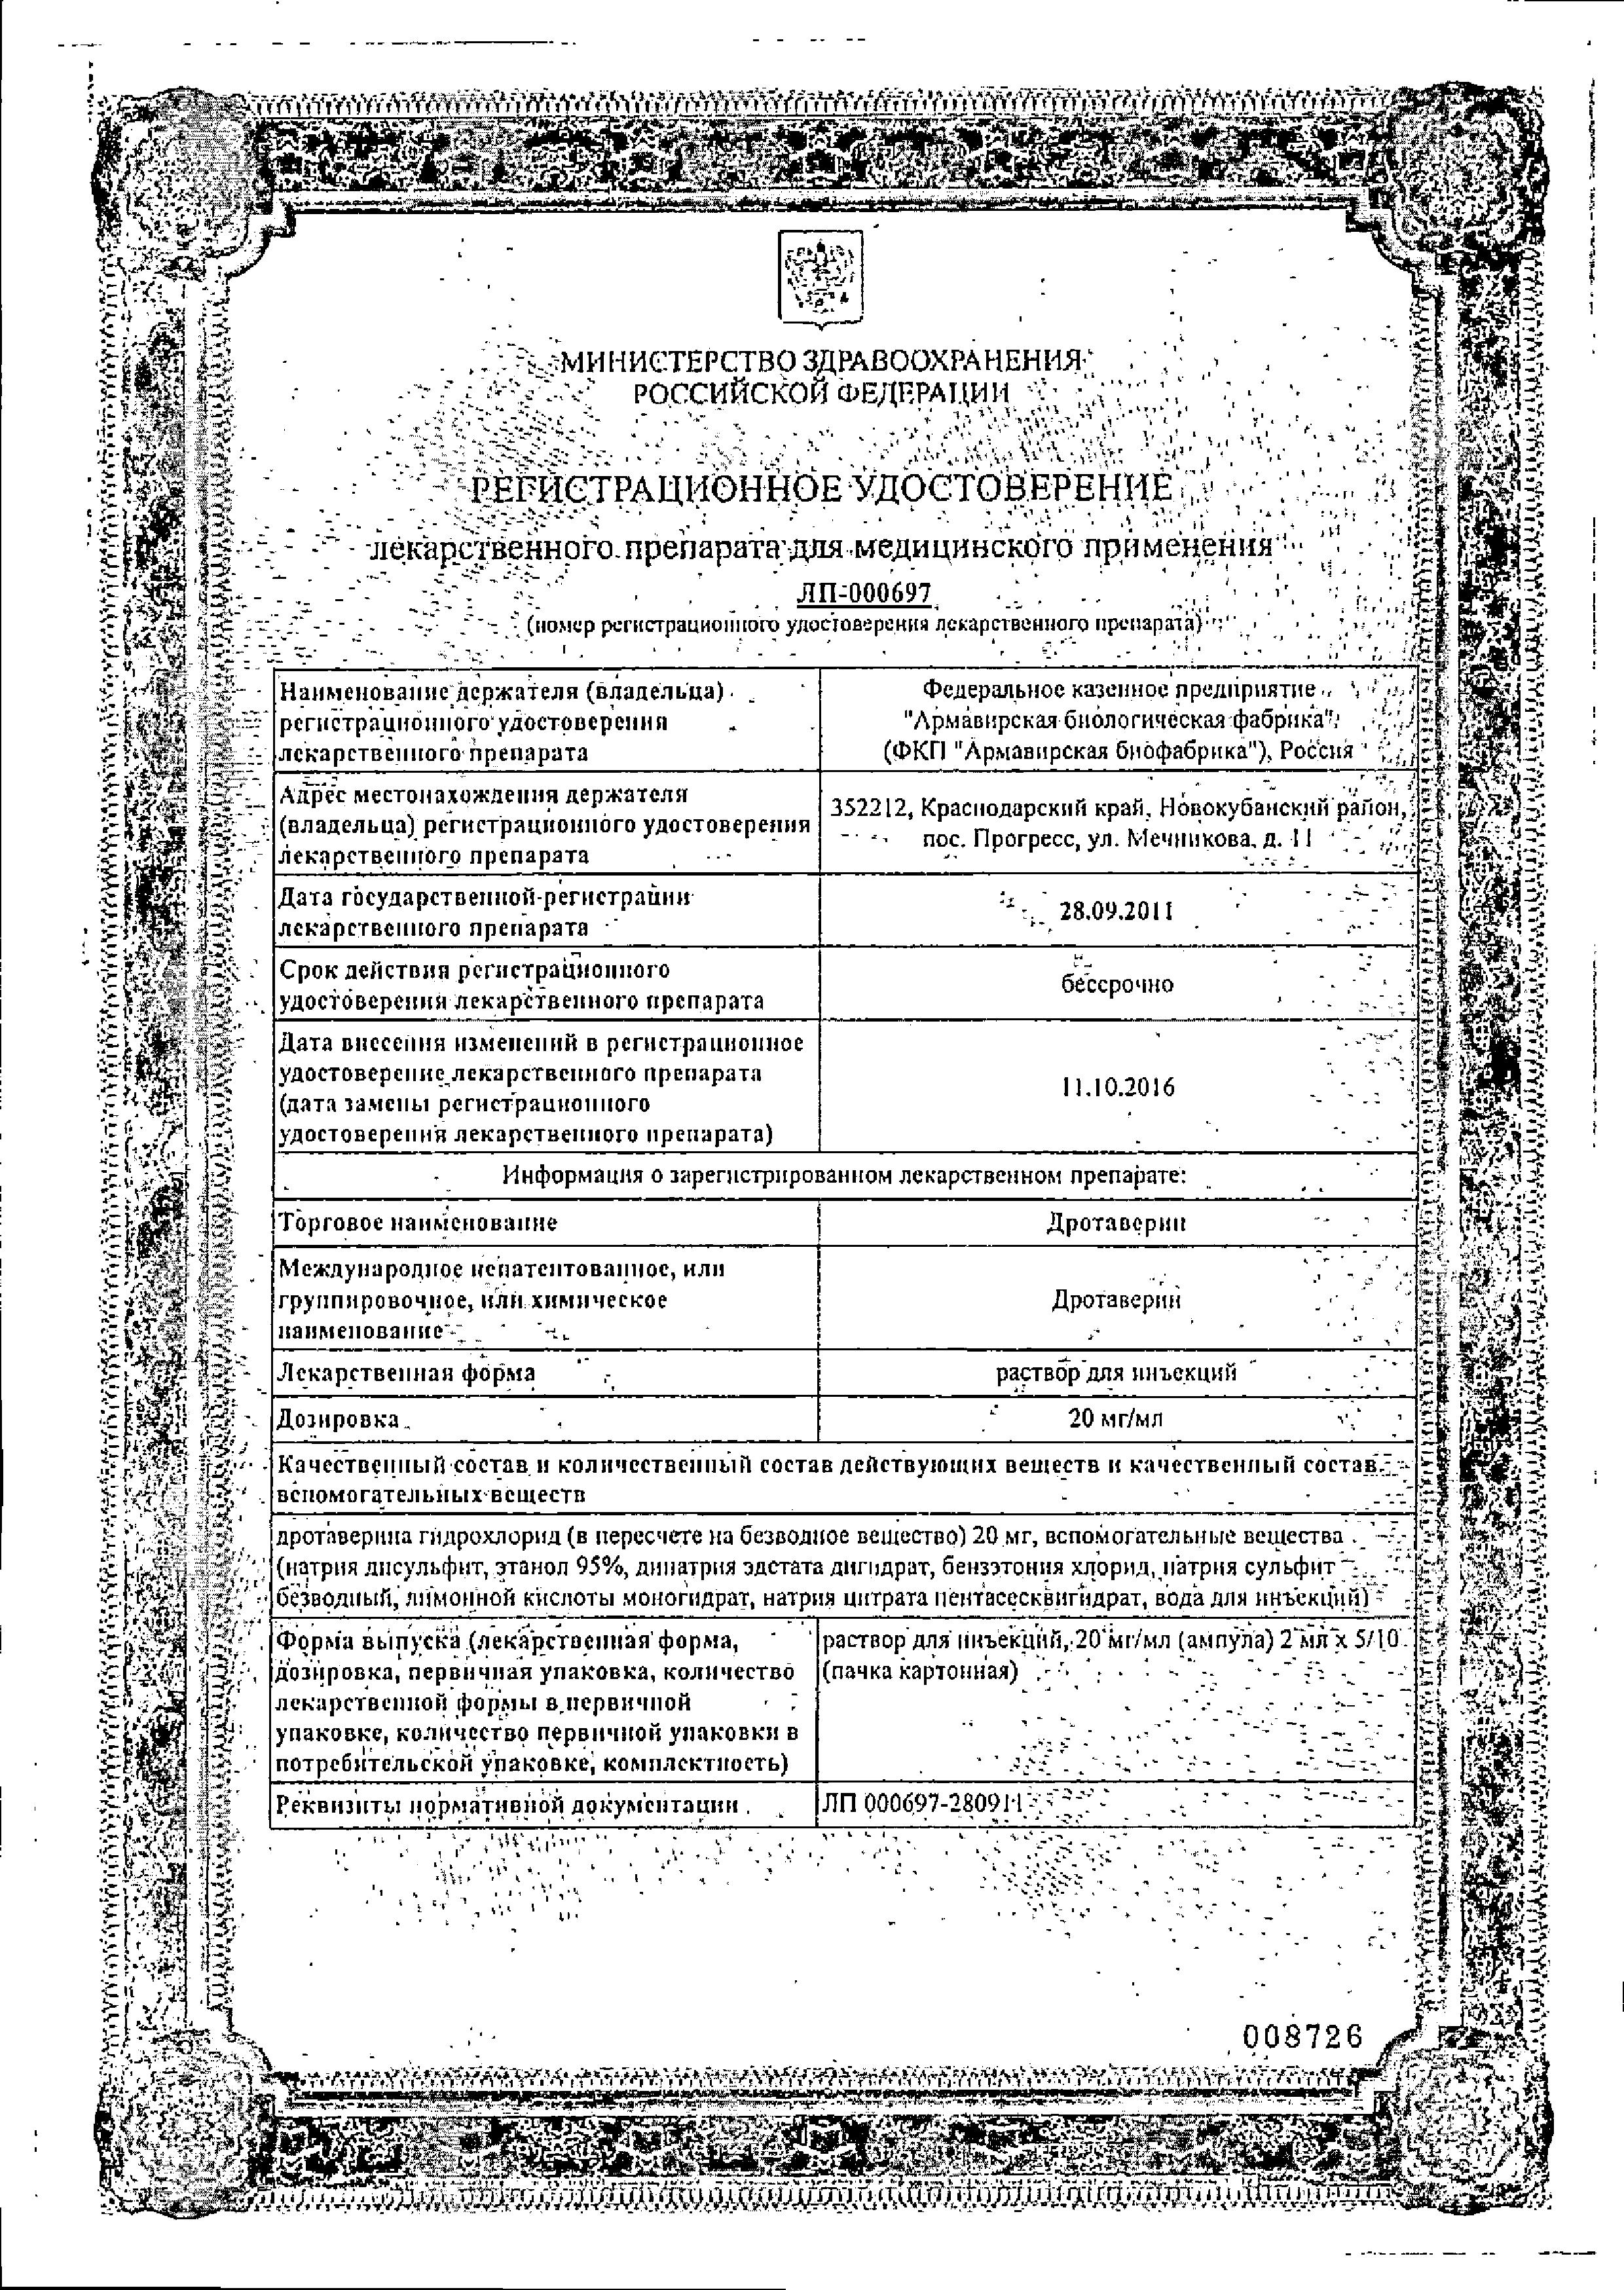 Дротаверин (для инъекций) сертификат